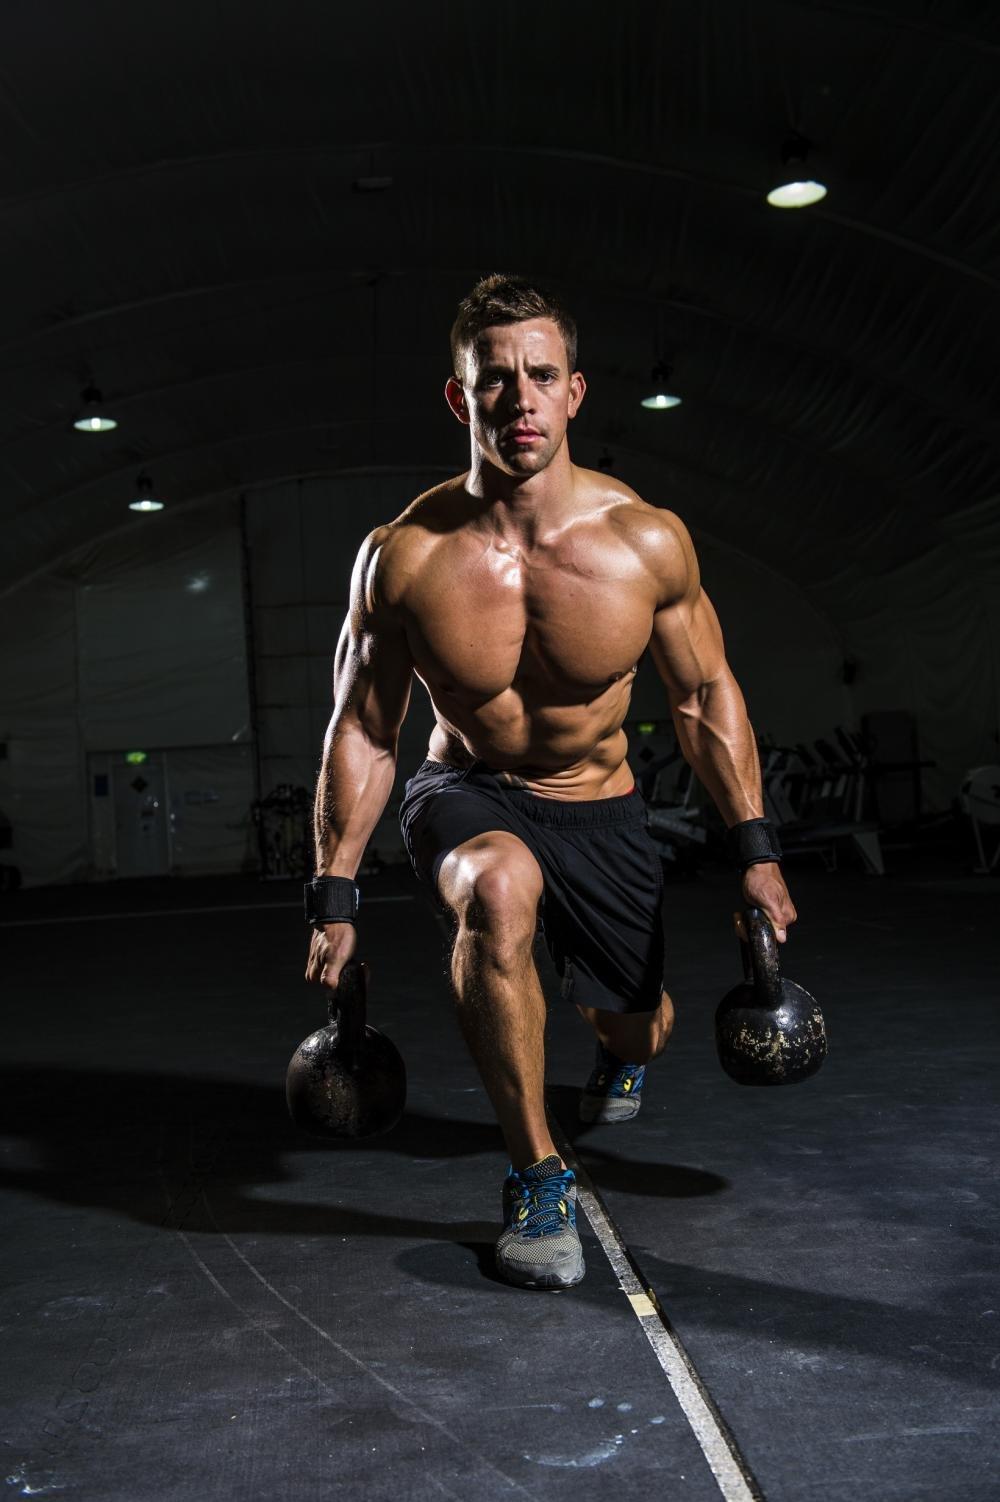 короткие поздравления мужские фотосессии в фитнес зале такой